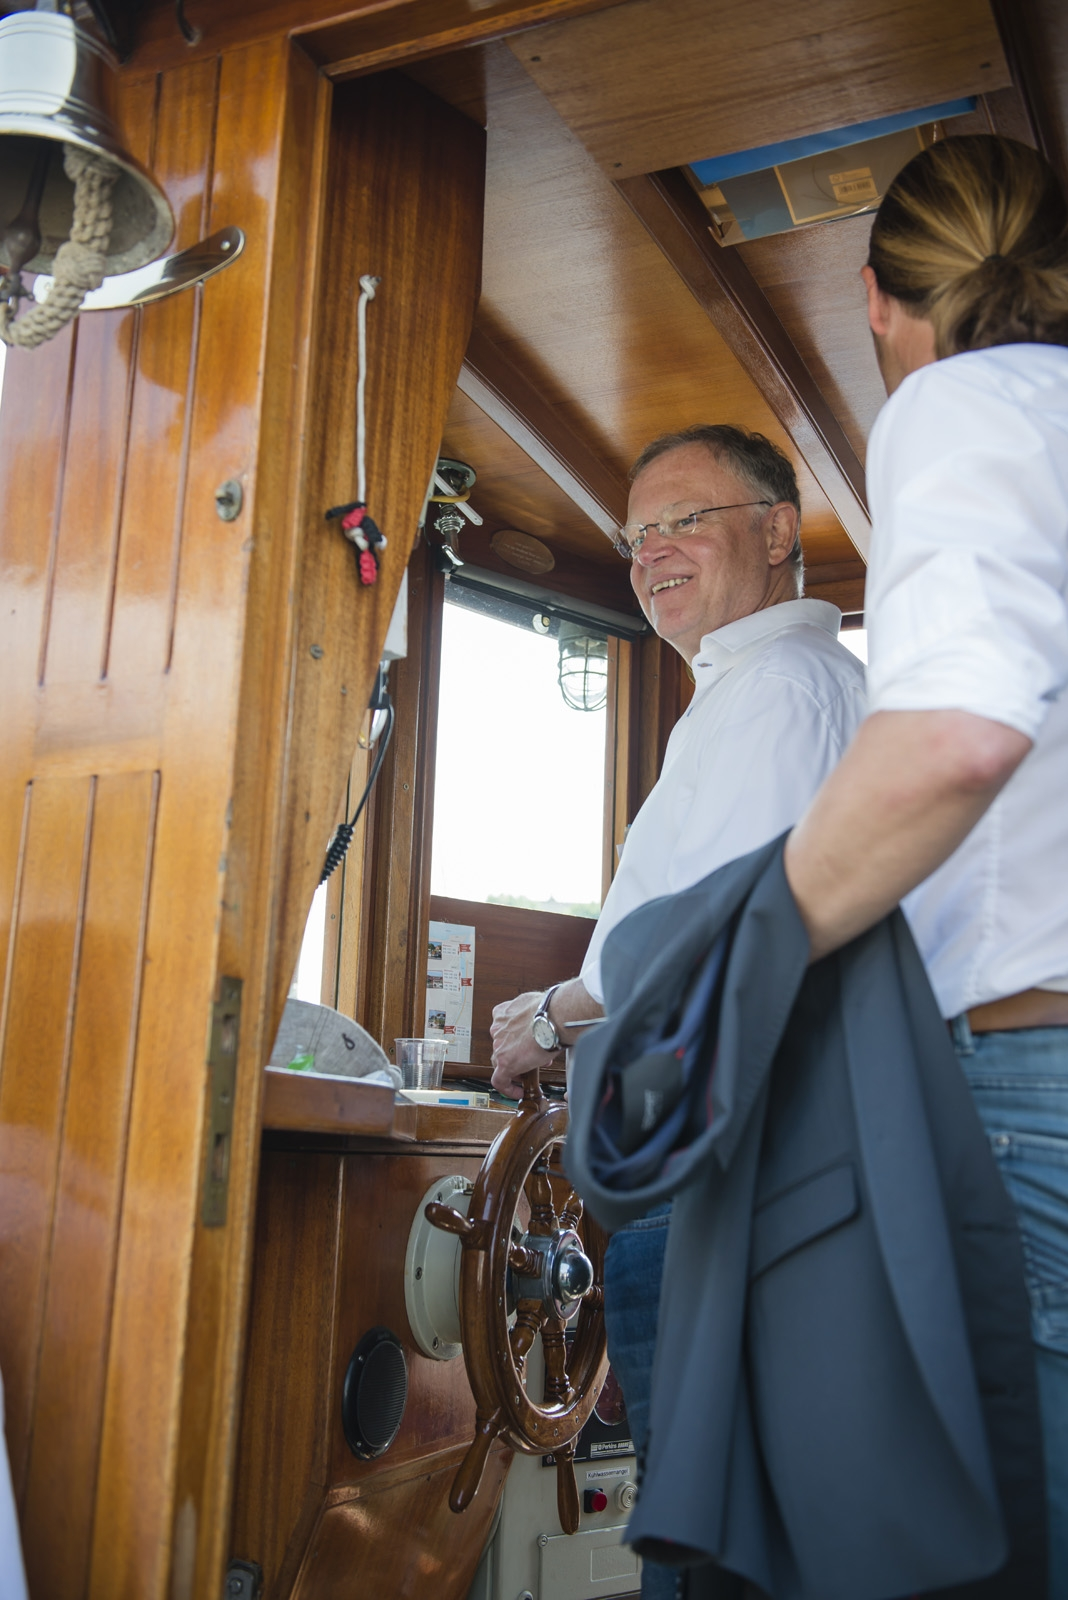 Sommerreise Stephan Weil Zusammen mit dem Kapitän am Steuer des Raddampfers Concordia II auf der Harle